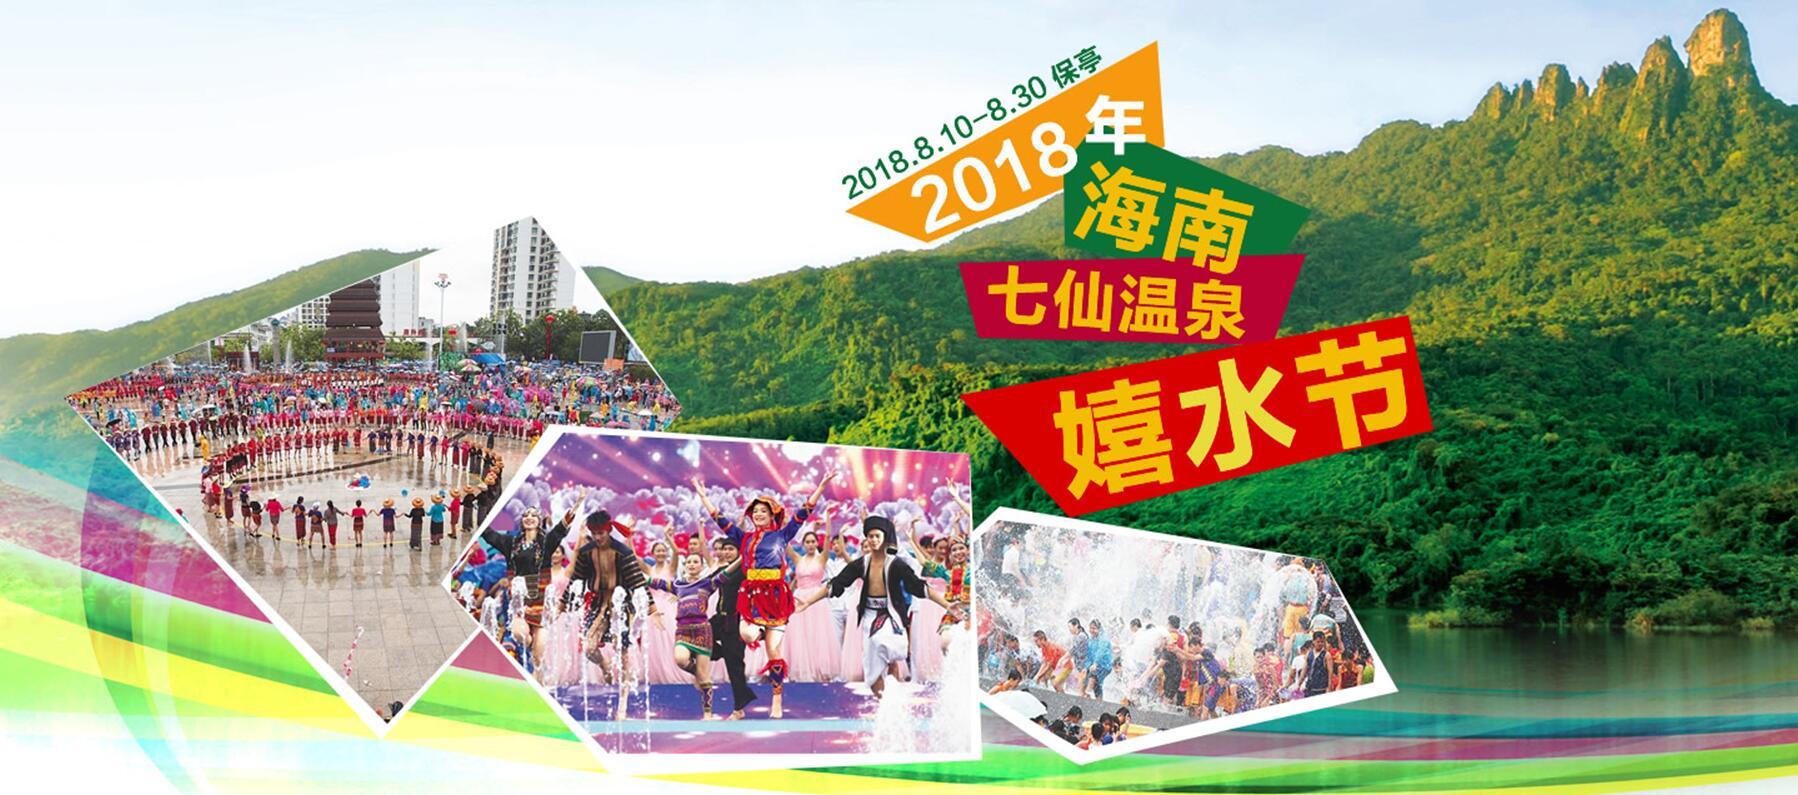 2018海南七仙温泉嬉水节